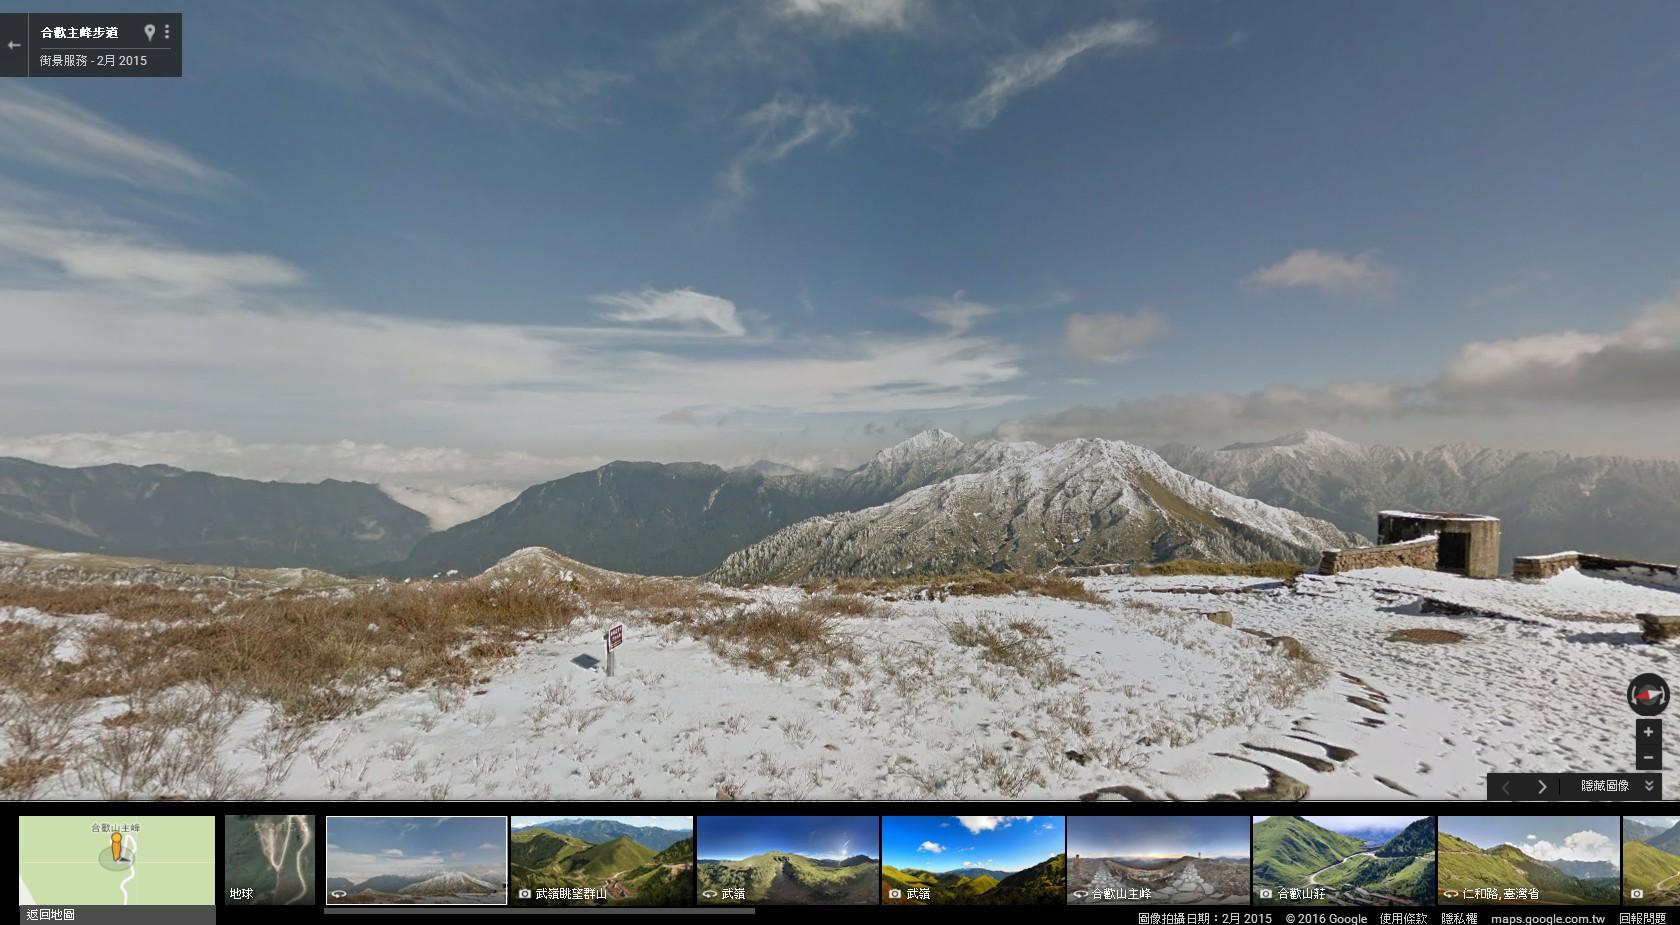 沒空上山賞雪?Google「街景特蒐景點」帶你上合歡山